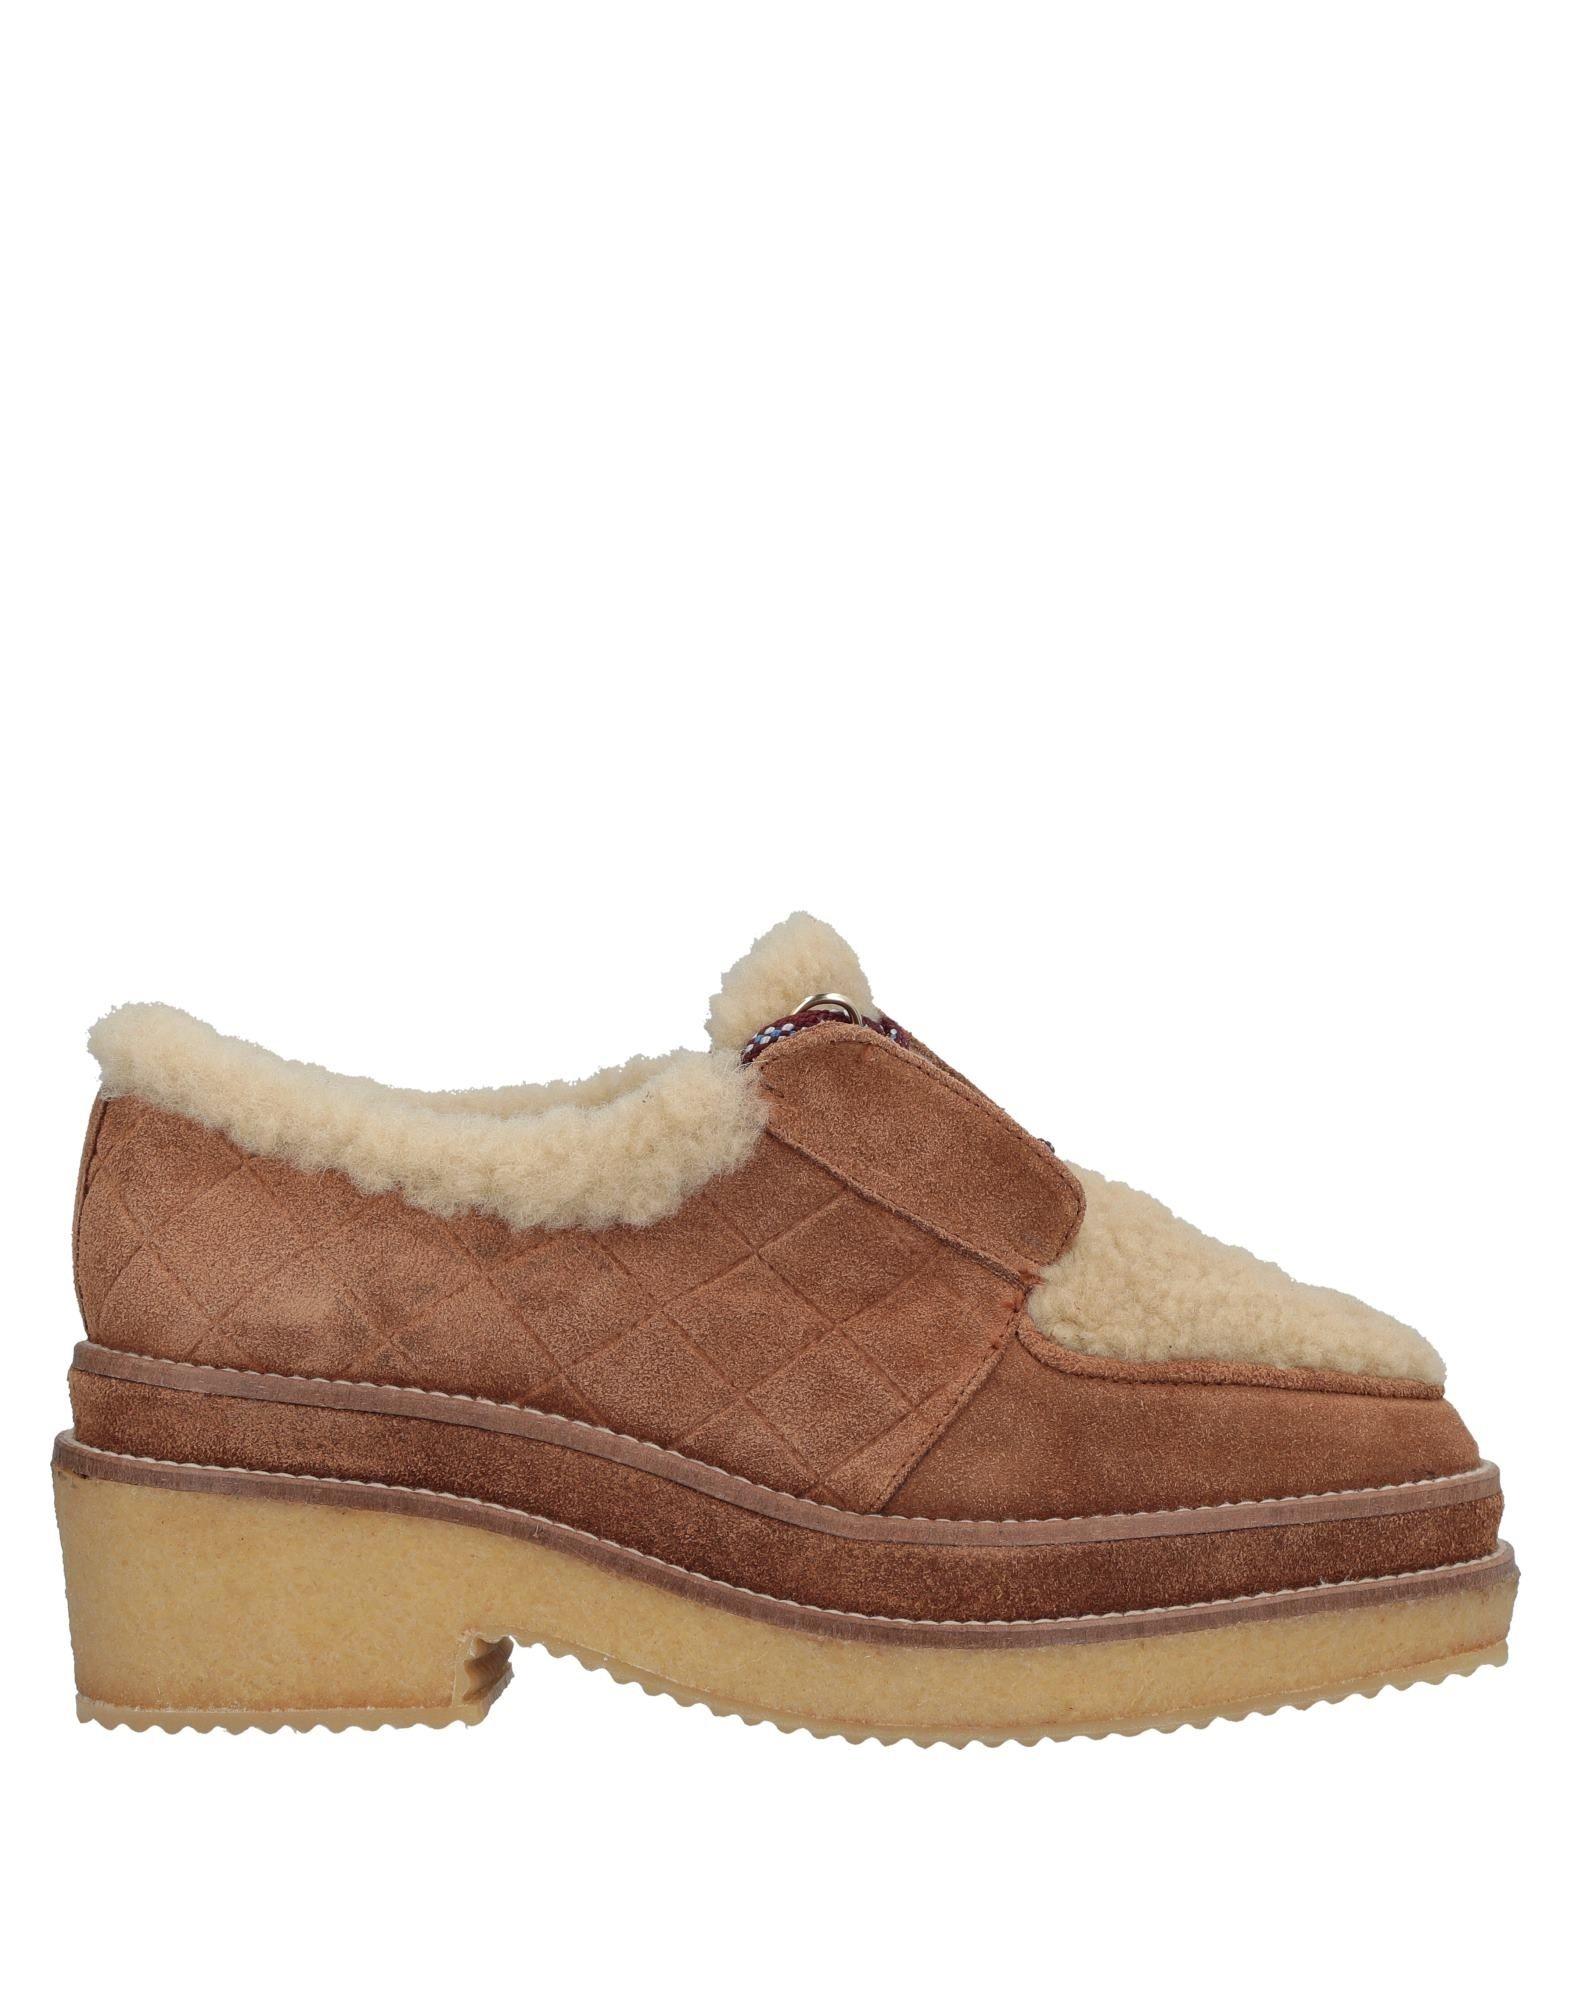 Castañer Schnürschuhe Damen  11532318OLGut aussehende strapazierfähige Schuhe